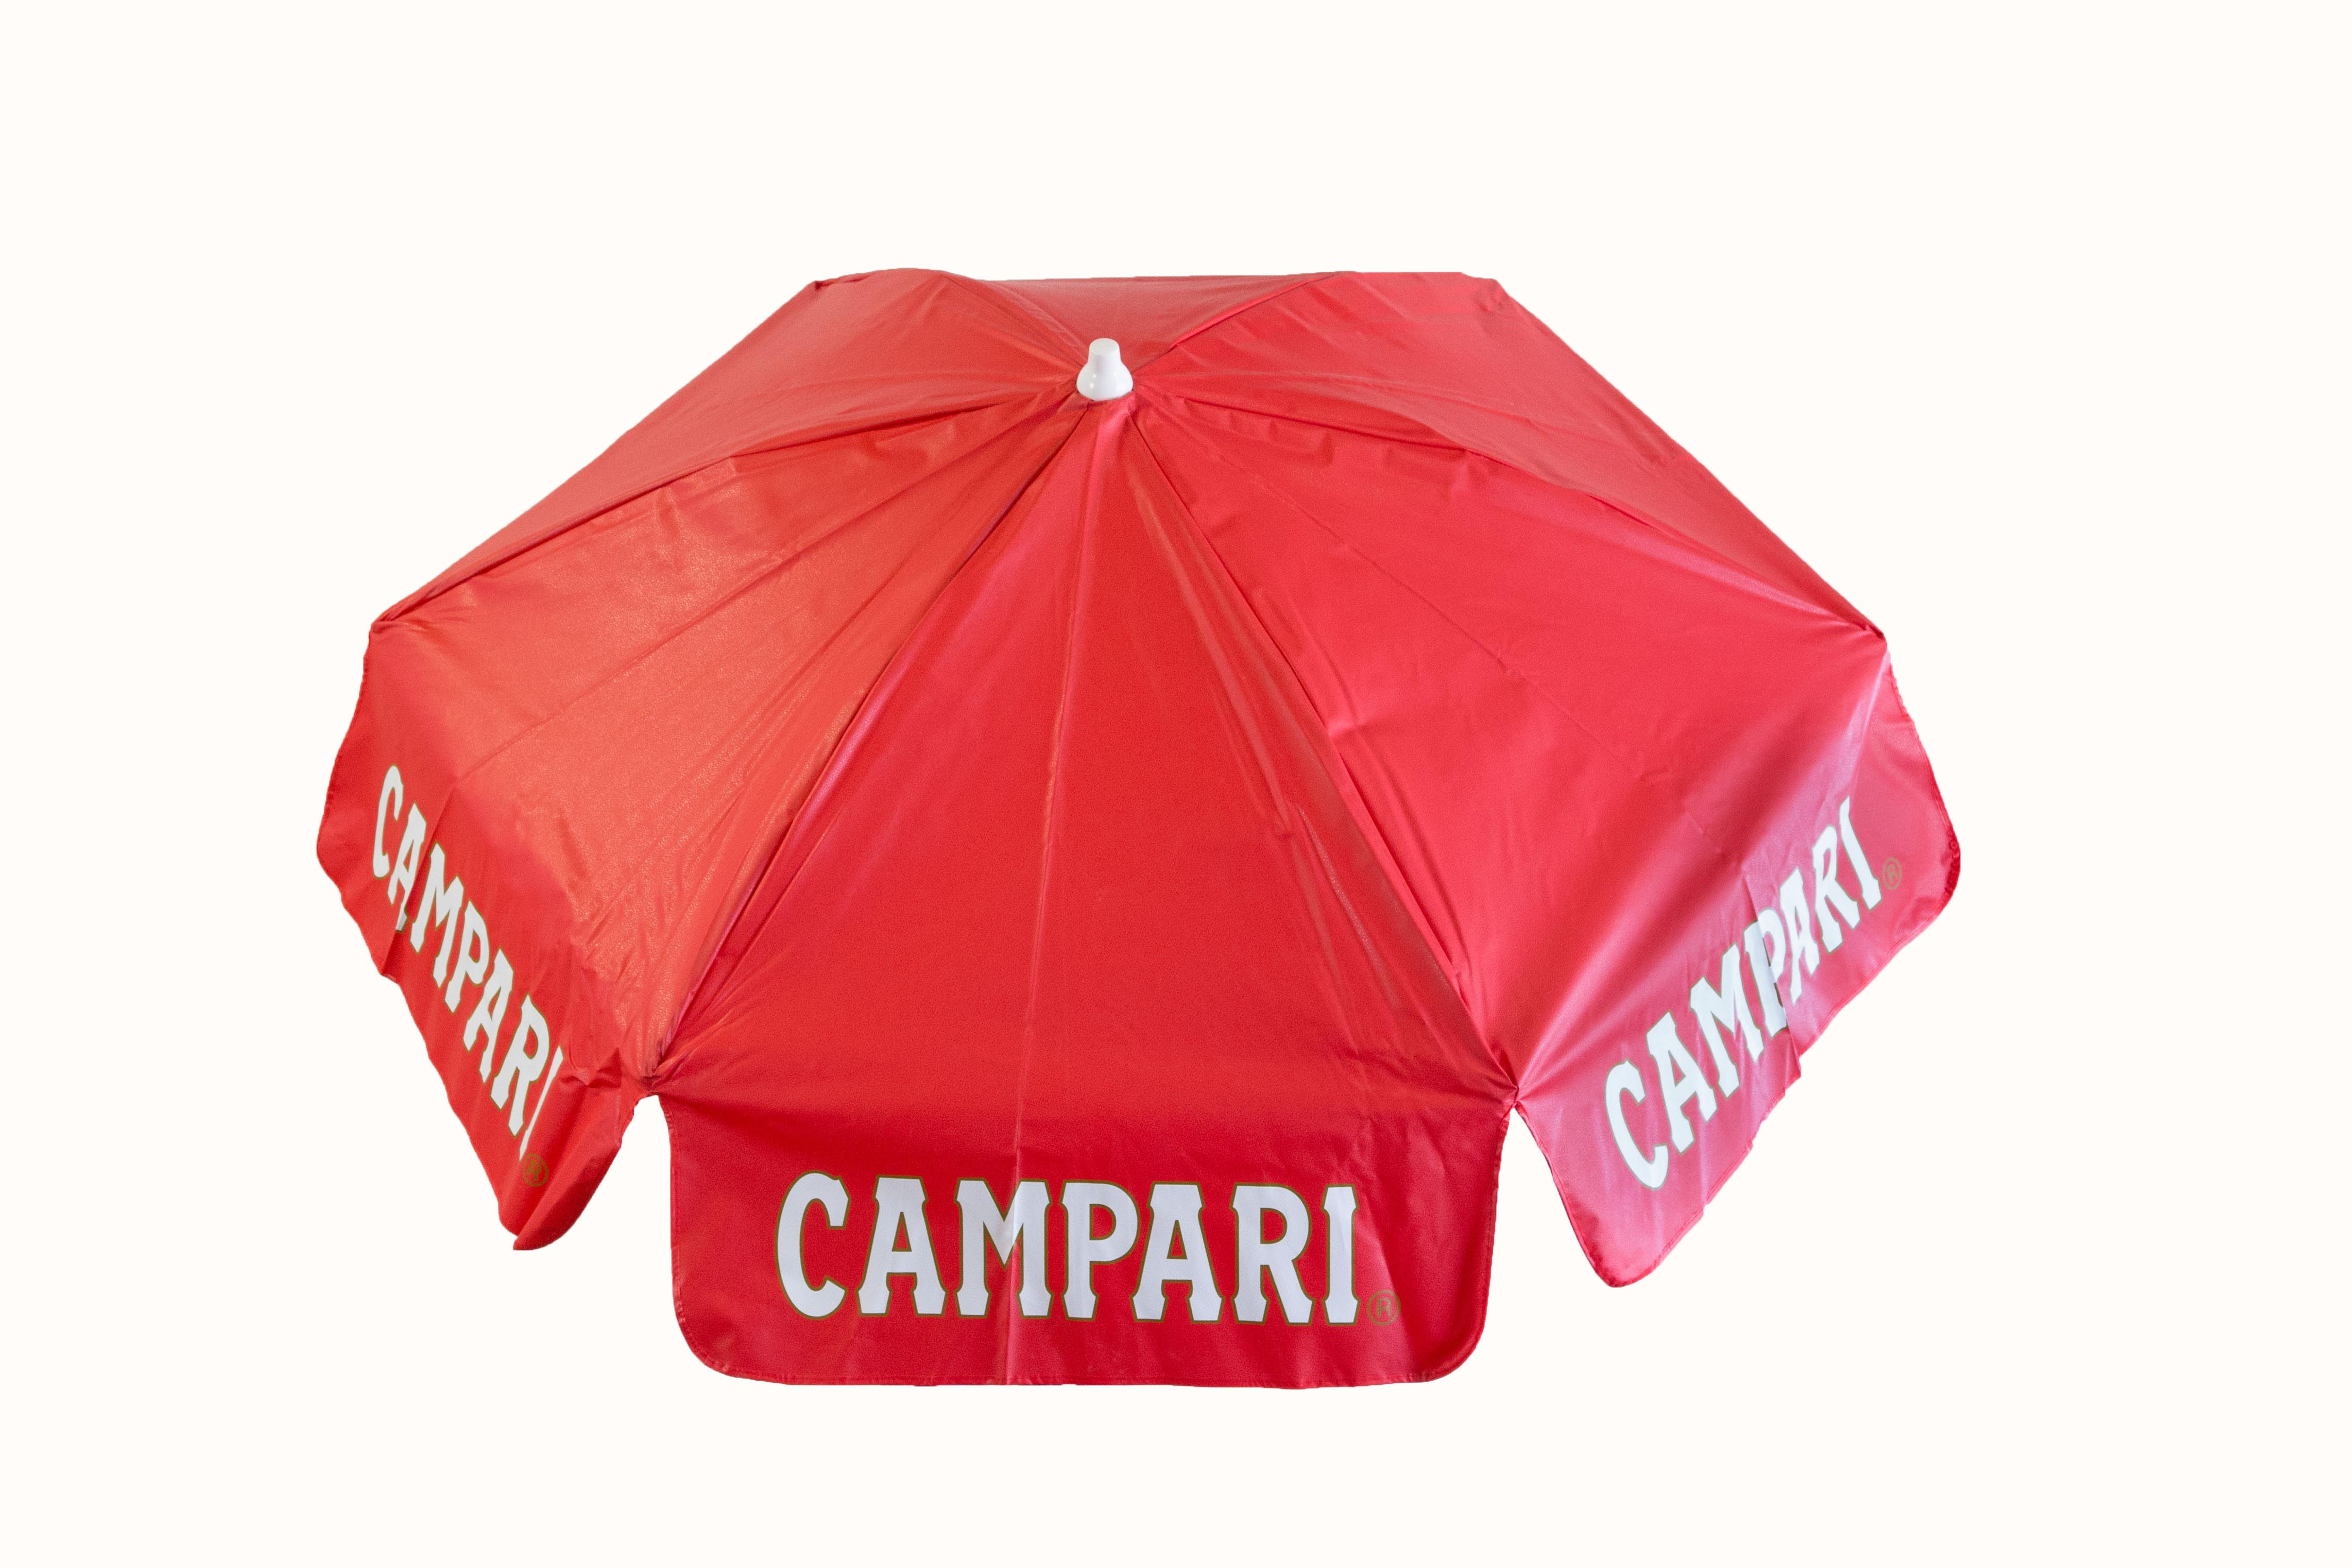 6 Campari Patio Umbrella